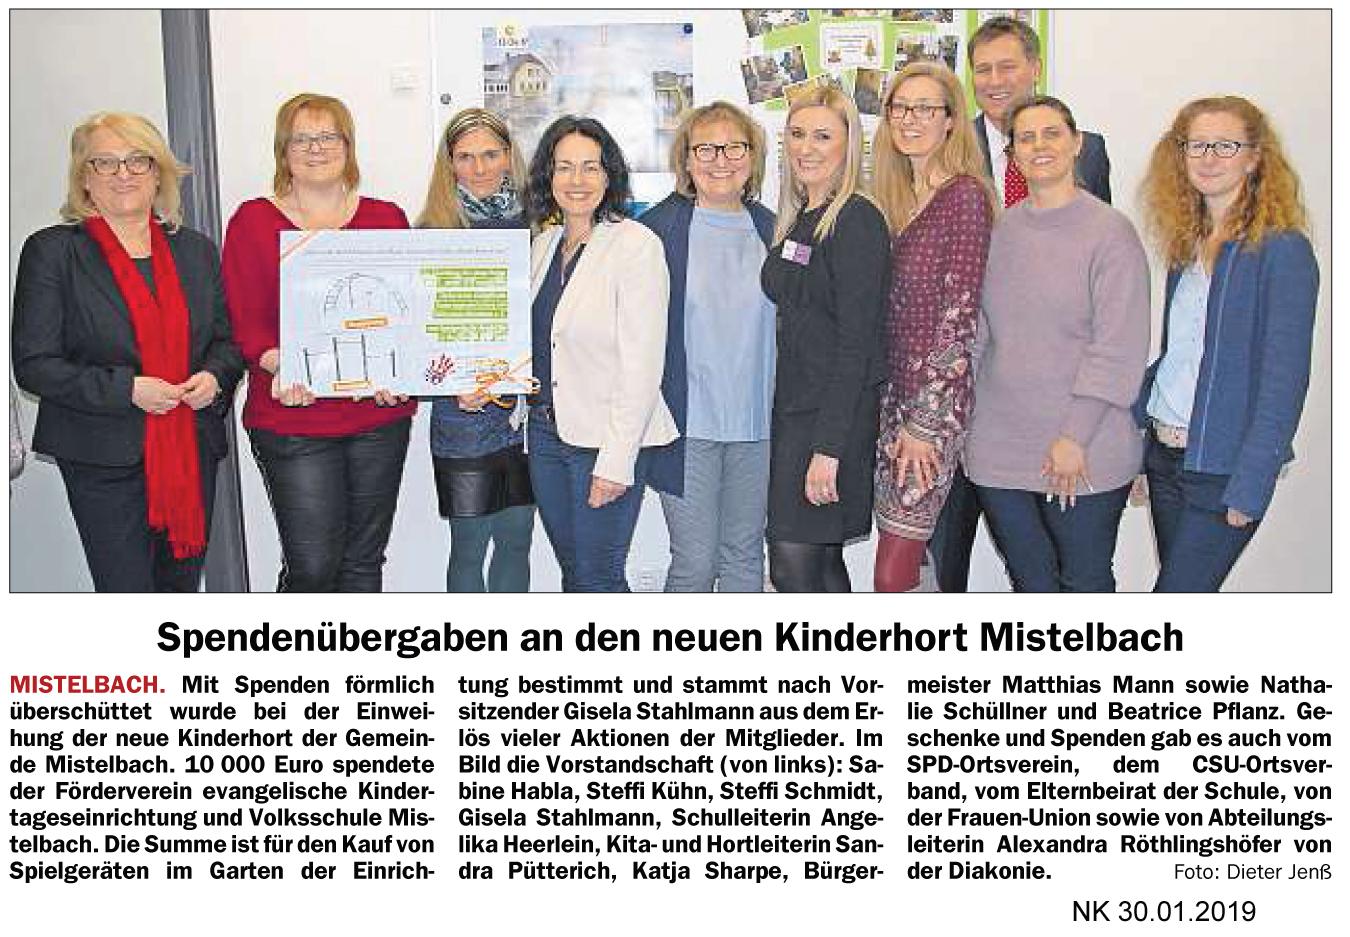 2019_001_Spendenubergaben an den neu en Kinderhort Mistelbach_NK_30.01